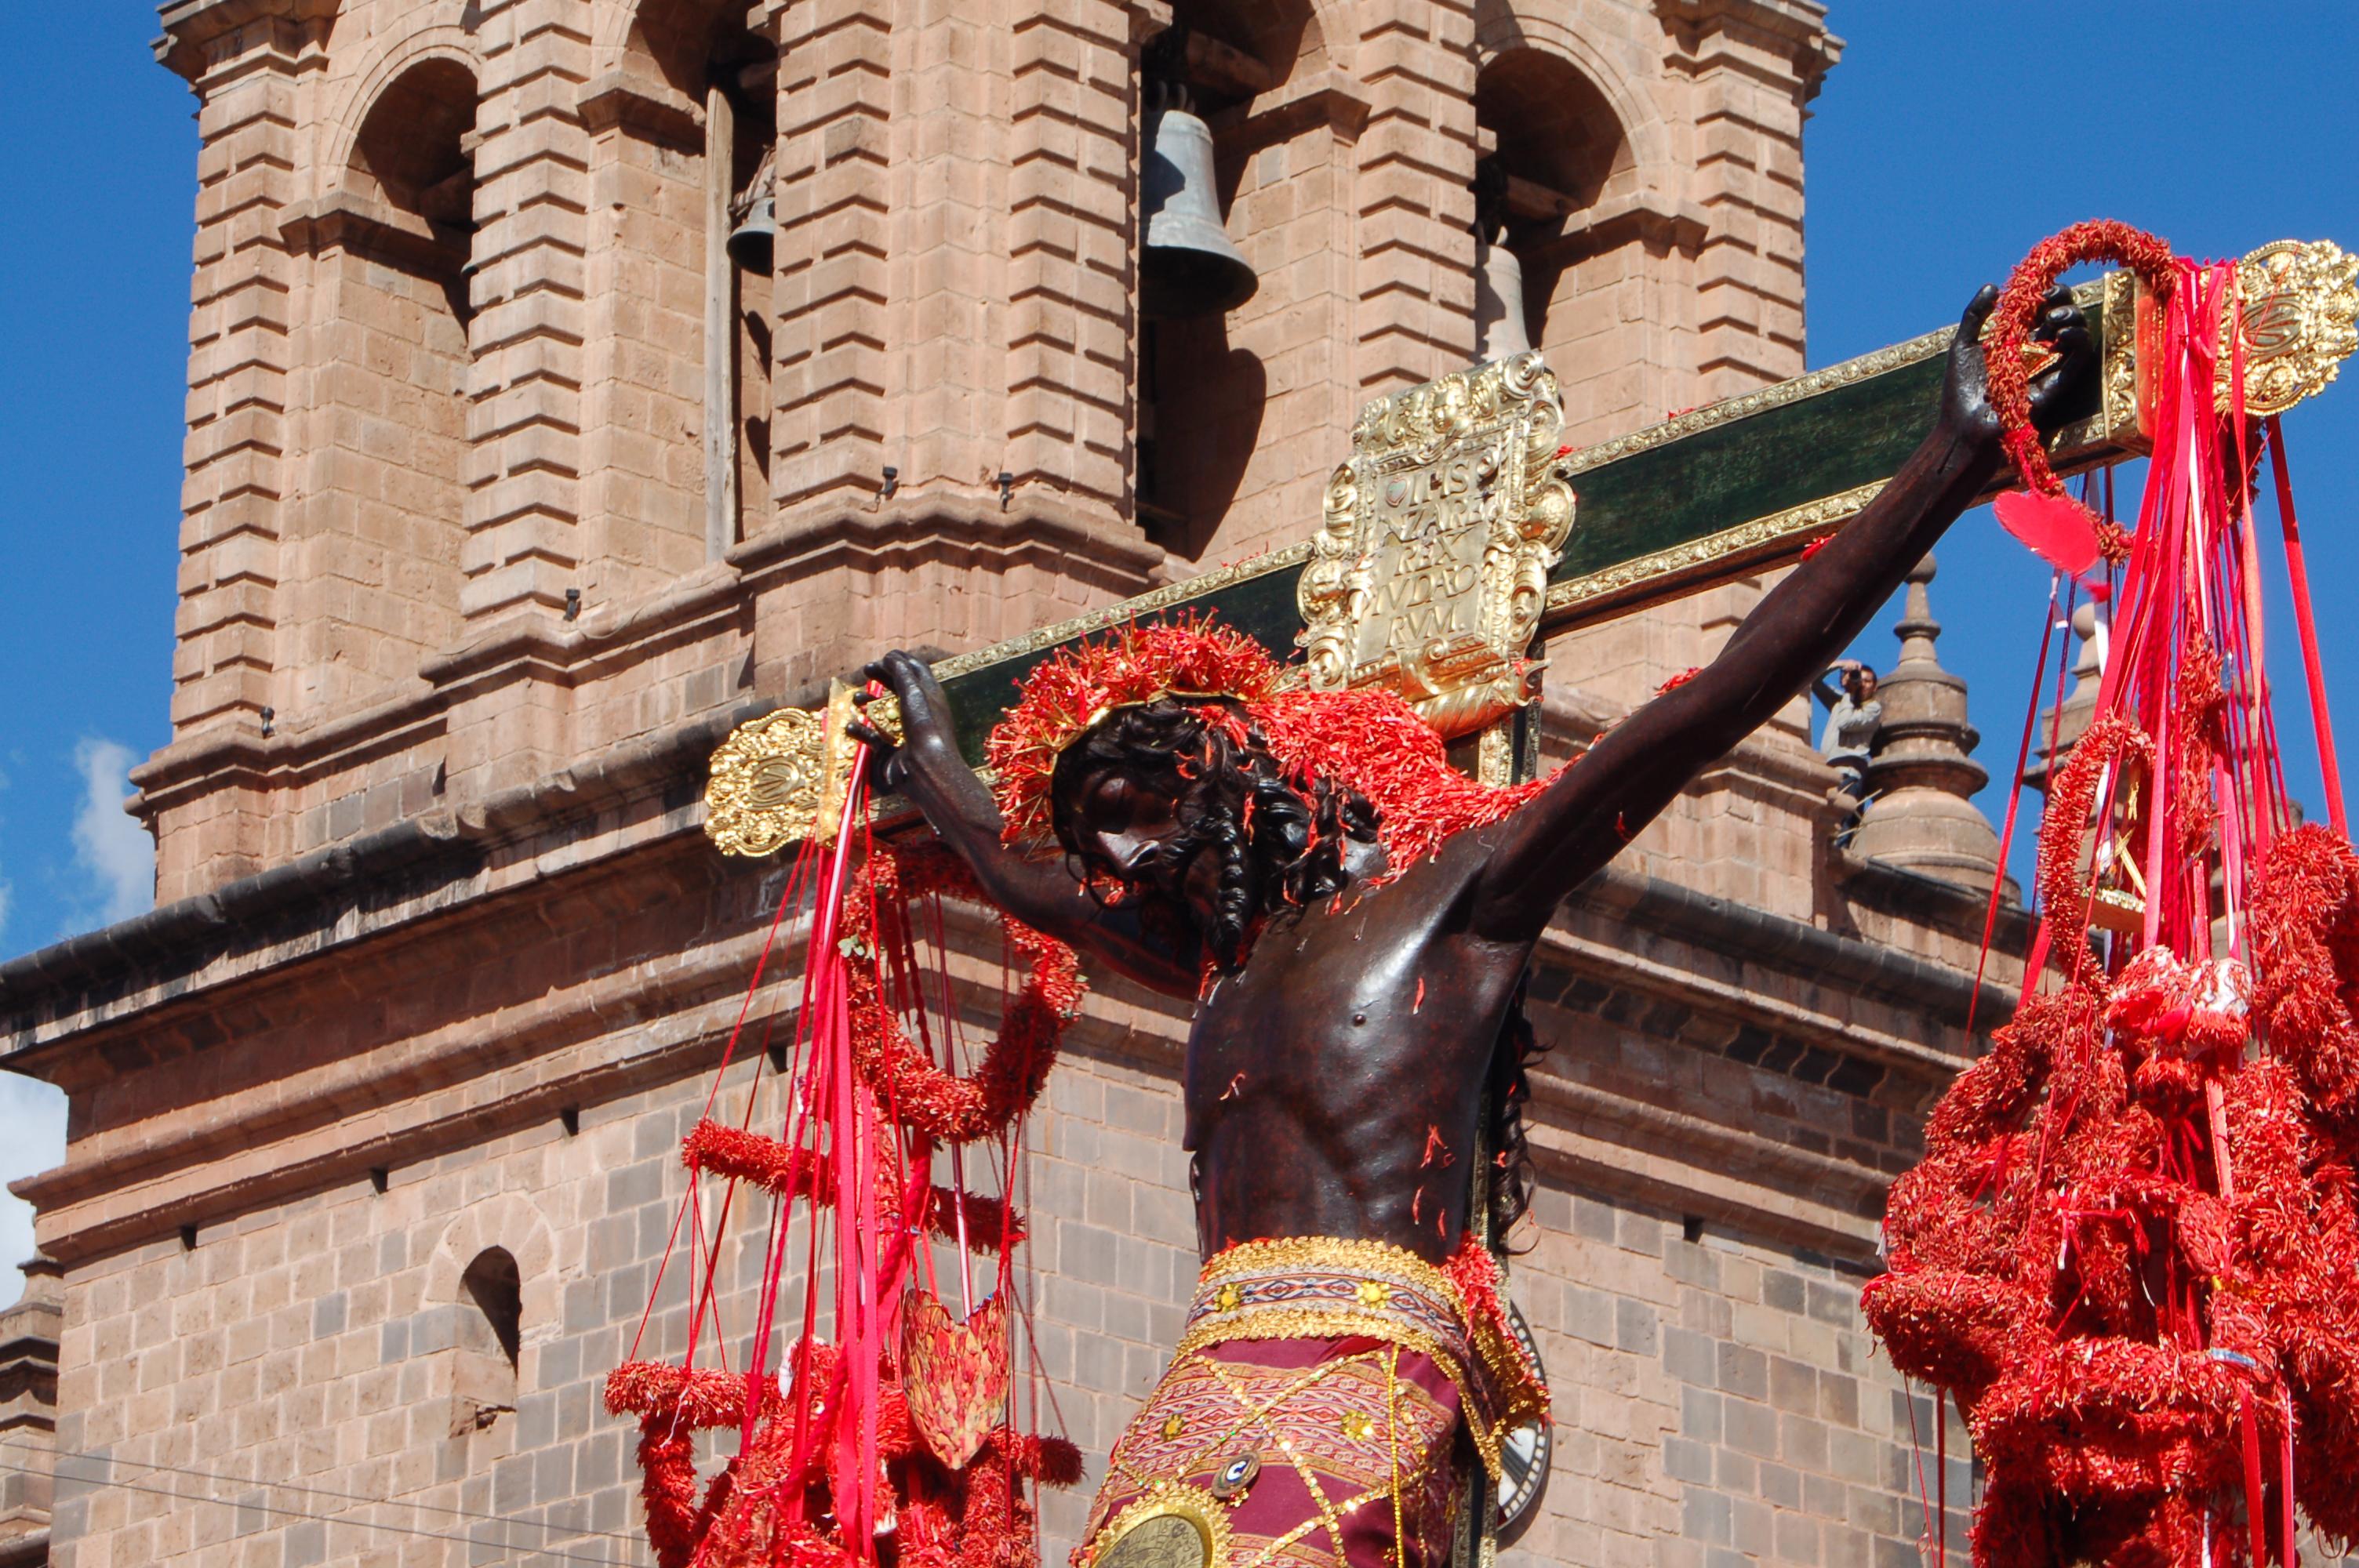 Señor de los Temblores Procession in Cusco